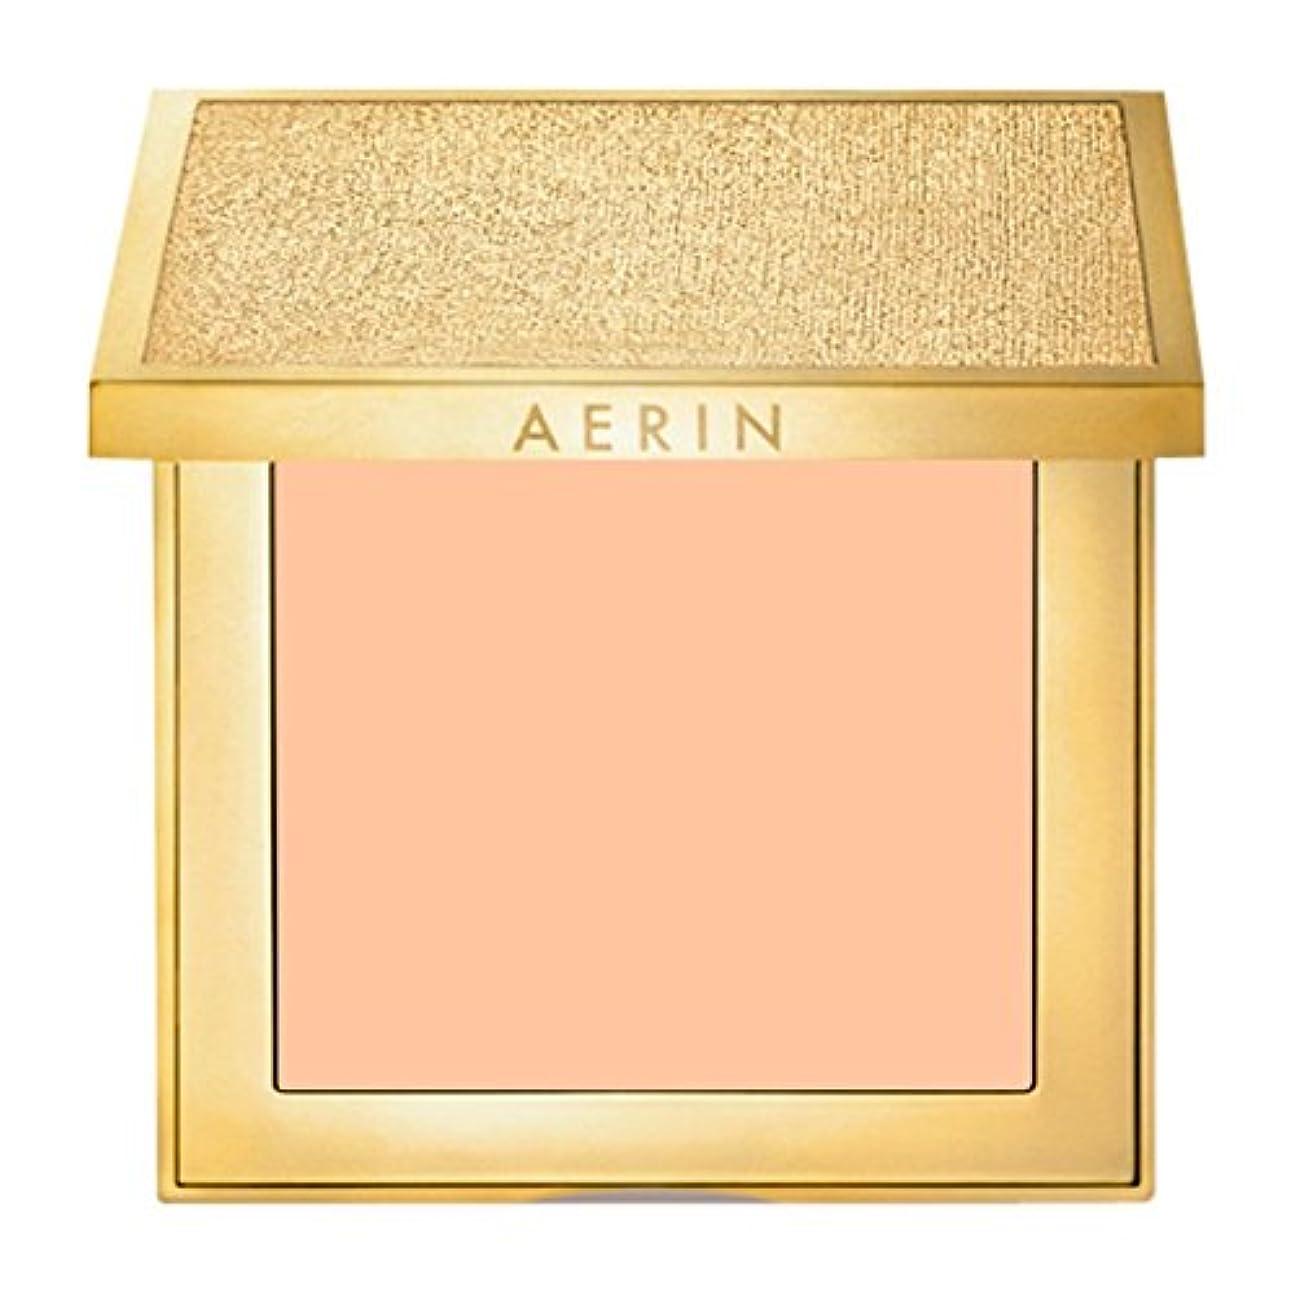 ニンニク夕食を食べる講堂Aerin新鮮な肌コンパクトメイクアップレベル2 (AERIN) (x6) - AERIN Fresh Skin Compact Makeup Level 2 (Pack of 6) [並行輸入品]